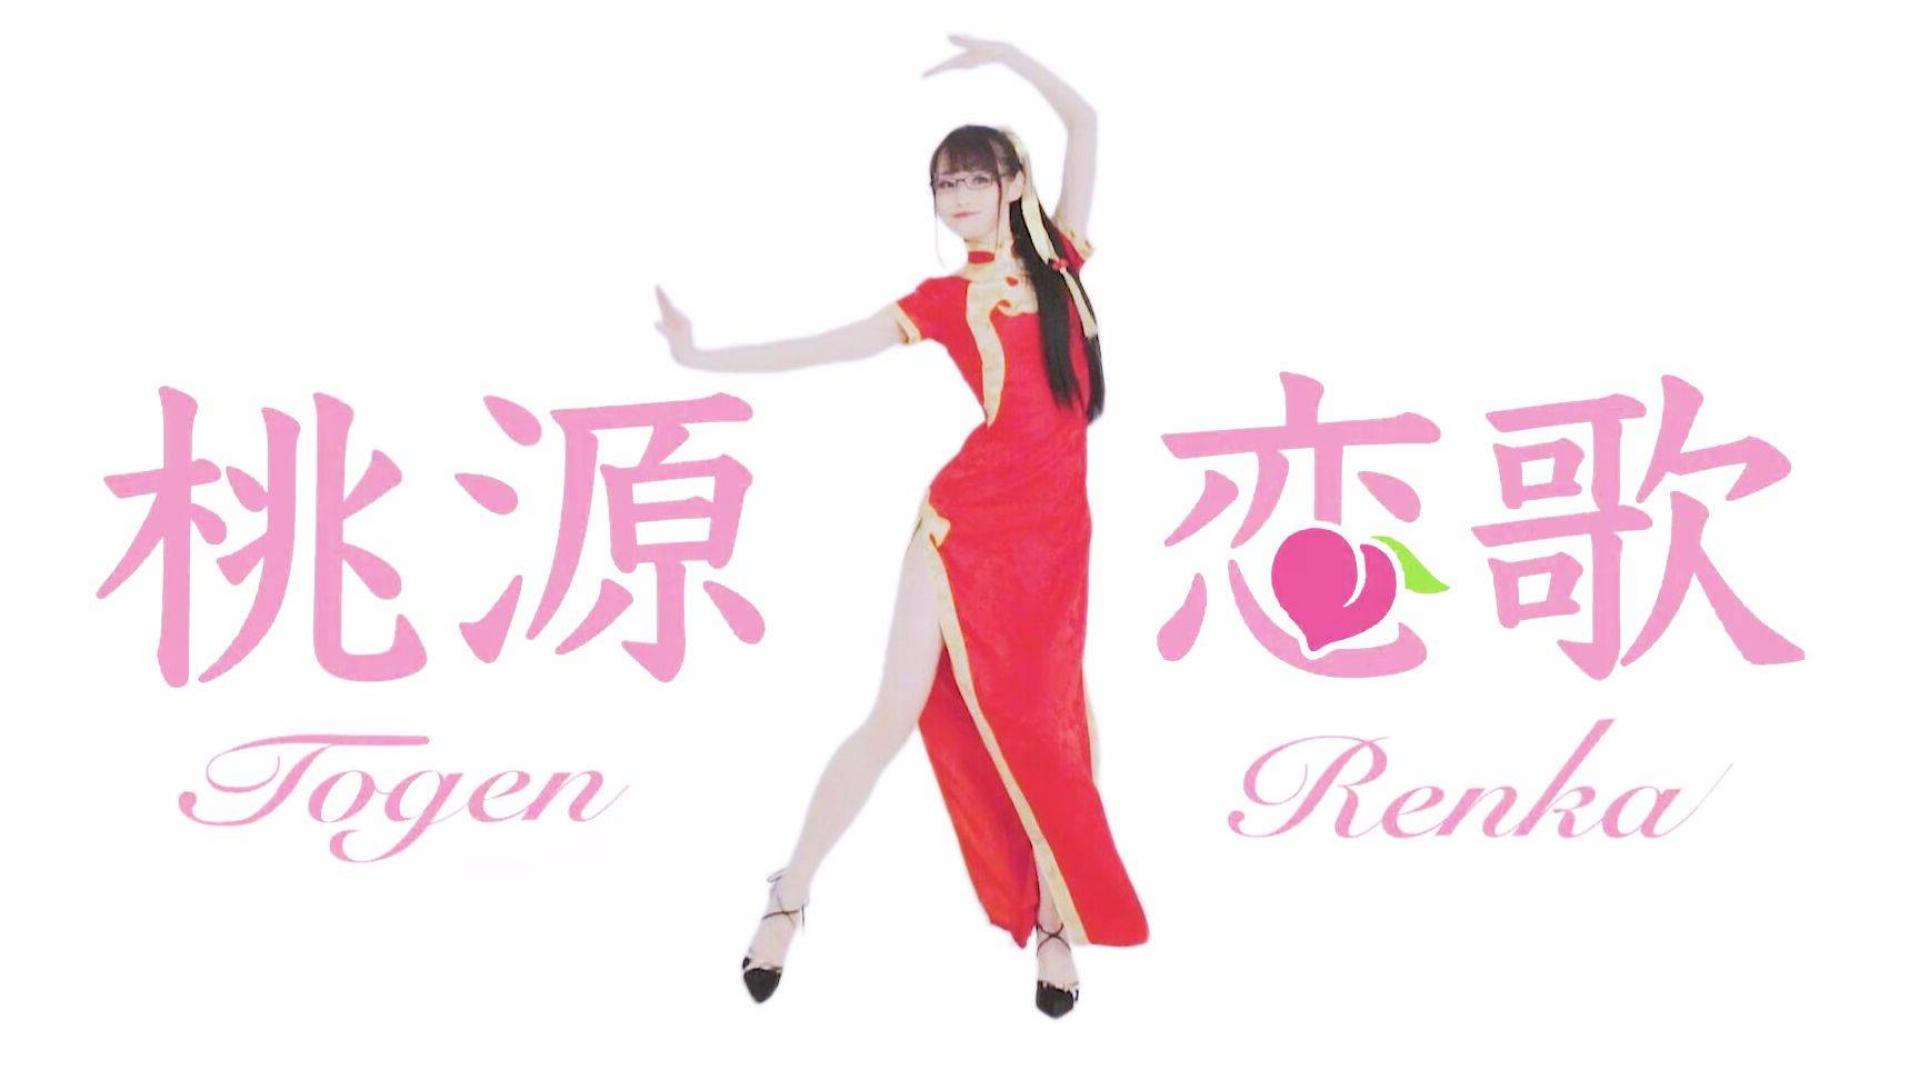 【楽小漫】桃源恋歌旗袍眼镜娘